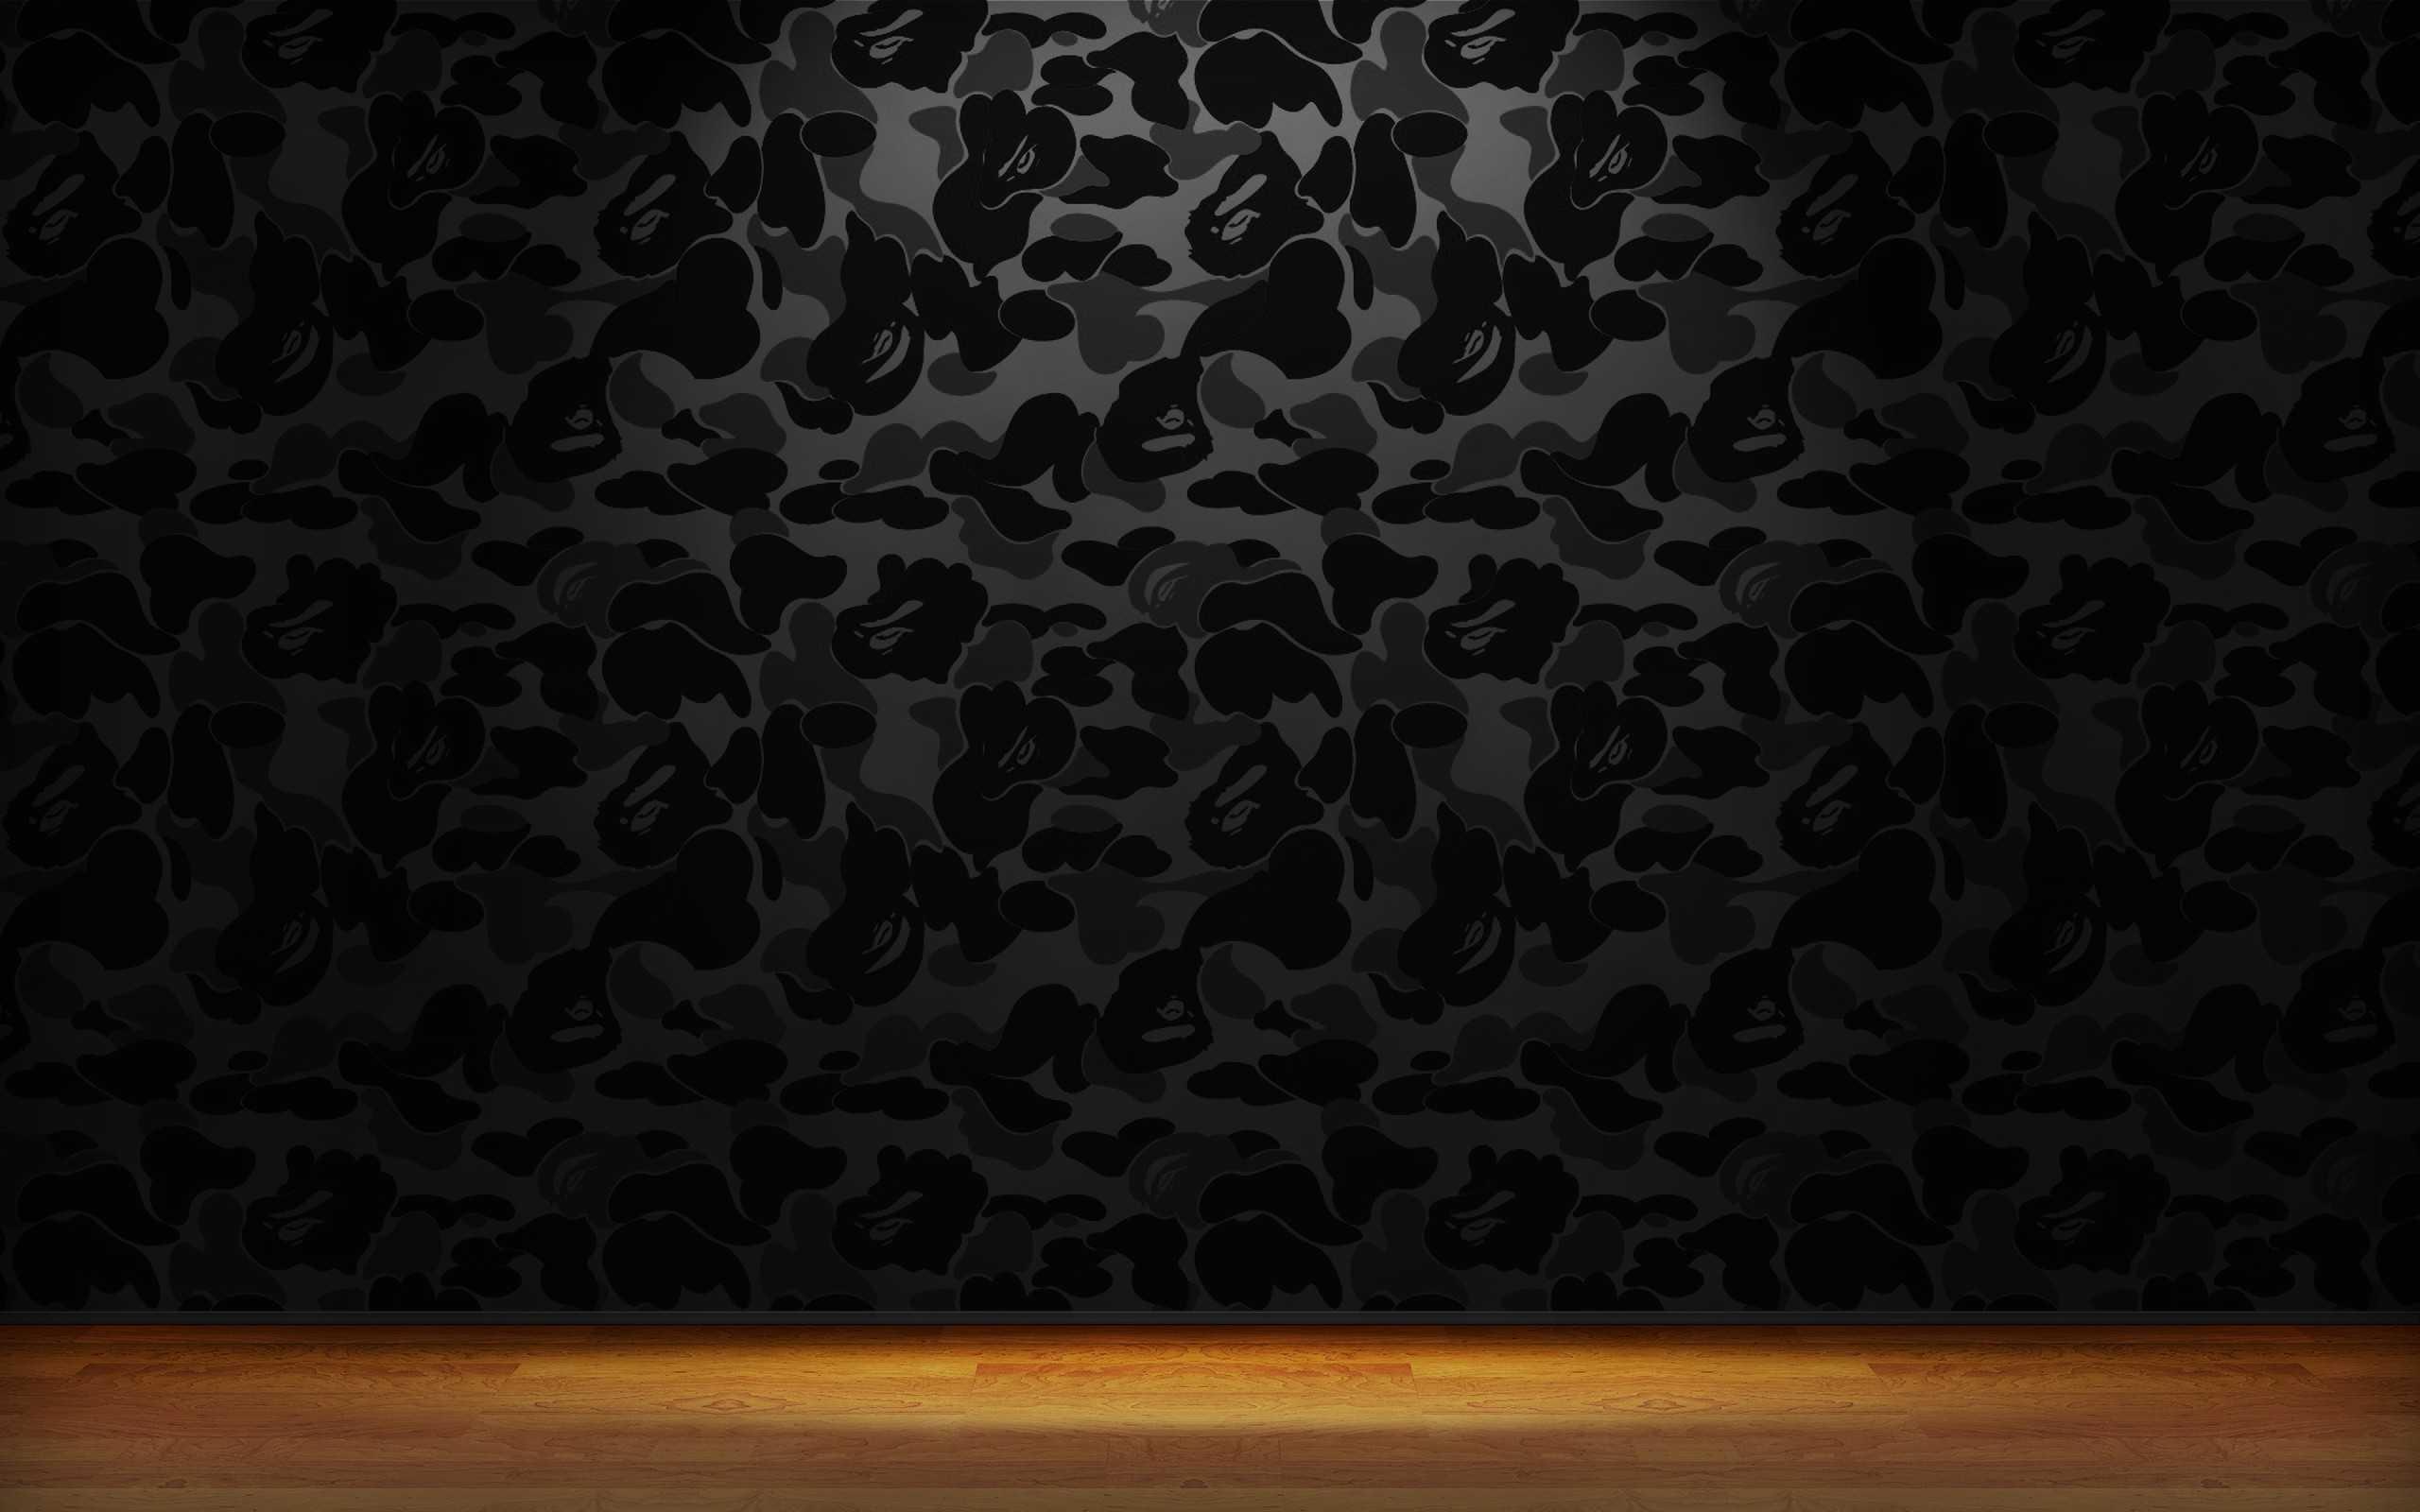 Bape Live Wallpaper